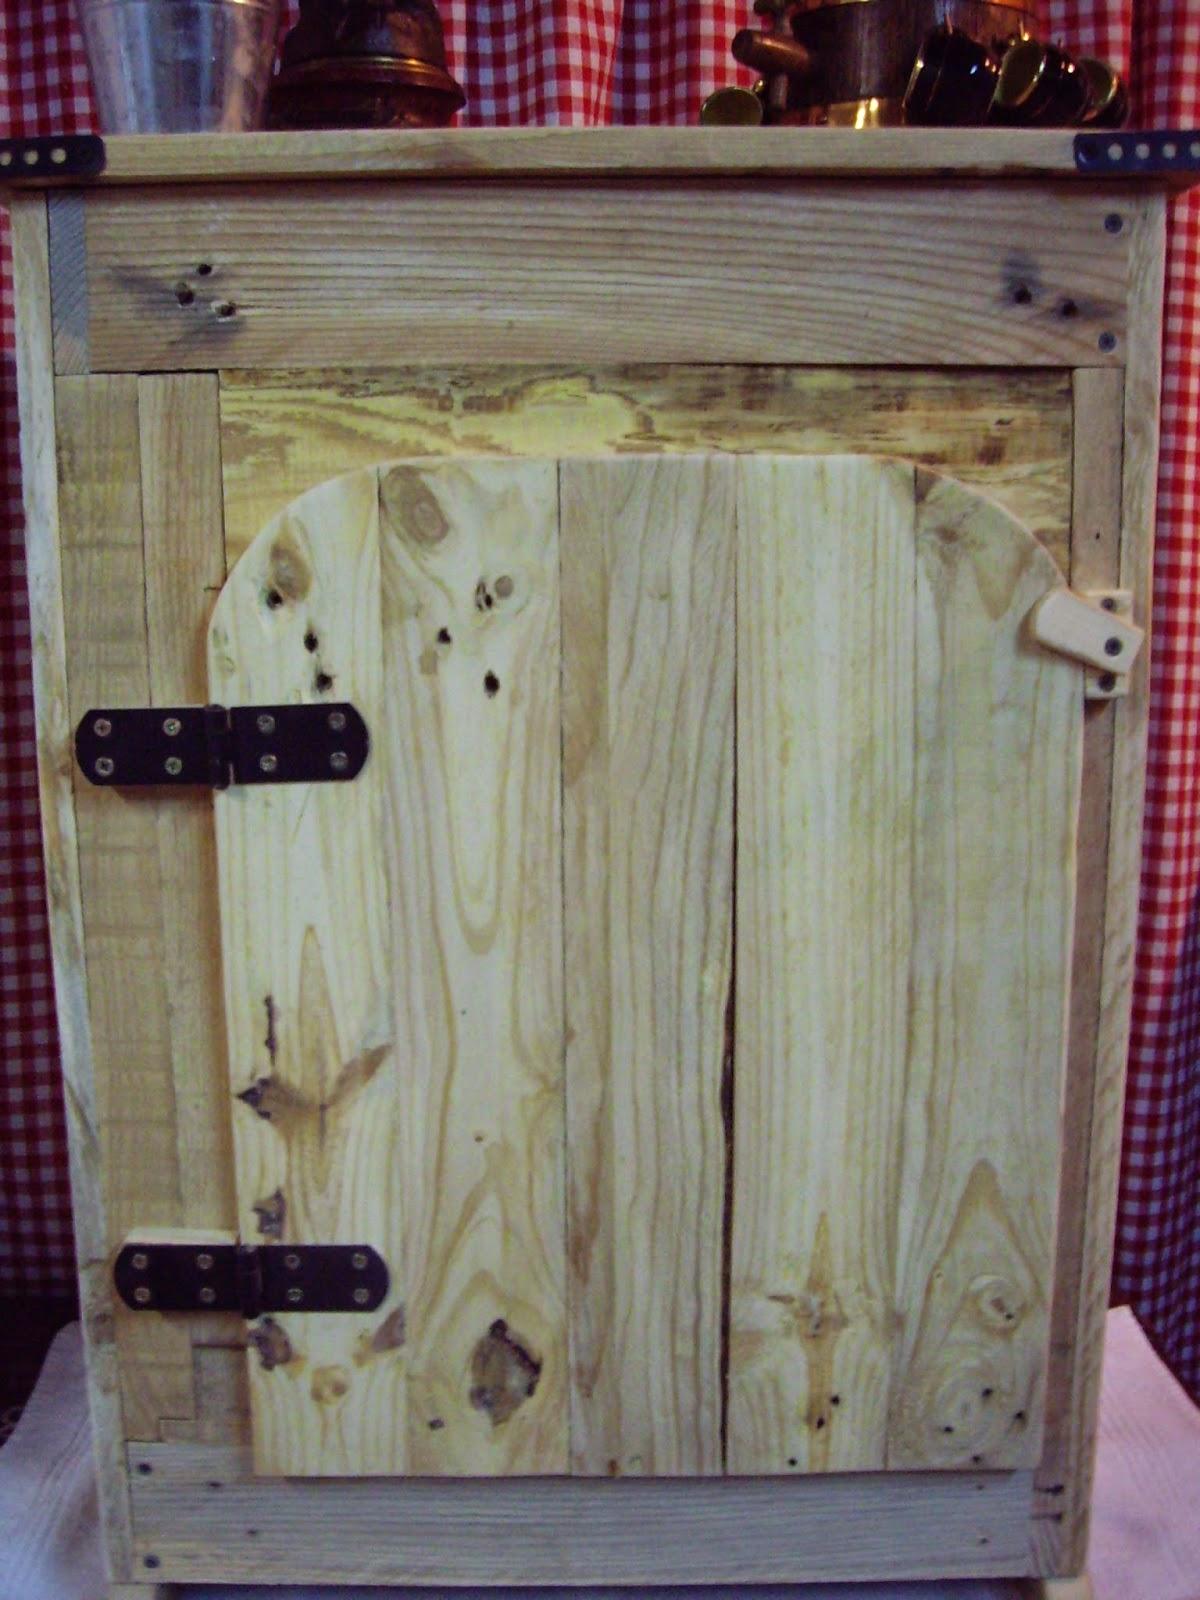 objets d co tutoriels et meubles en bois de palettes petit meuble de salle de bain en bois de. Black Bedroom Furniture Sets. Home Design Ideas